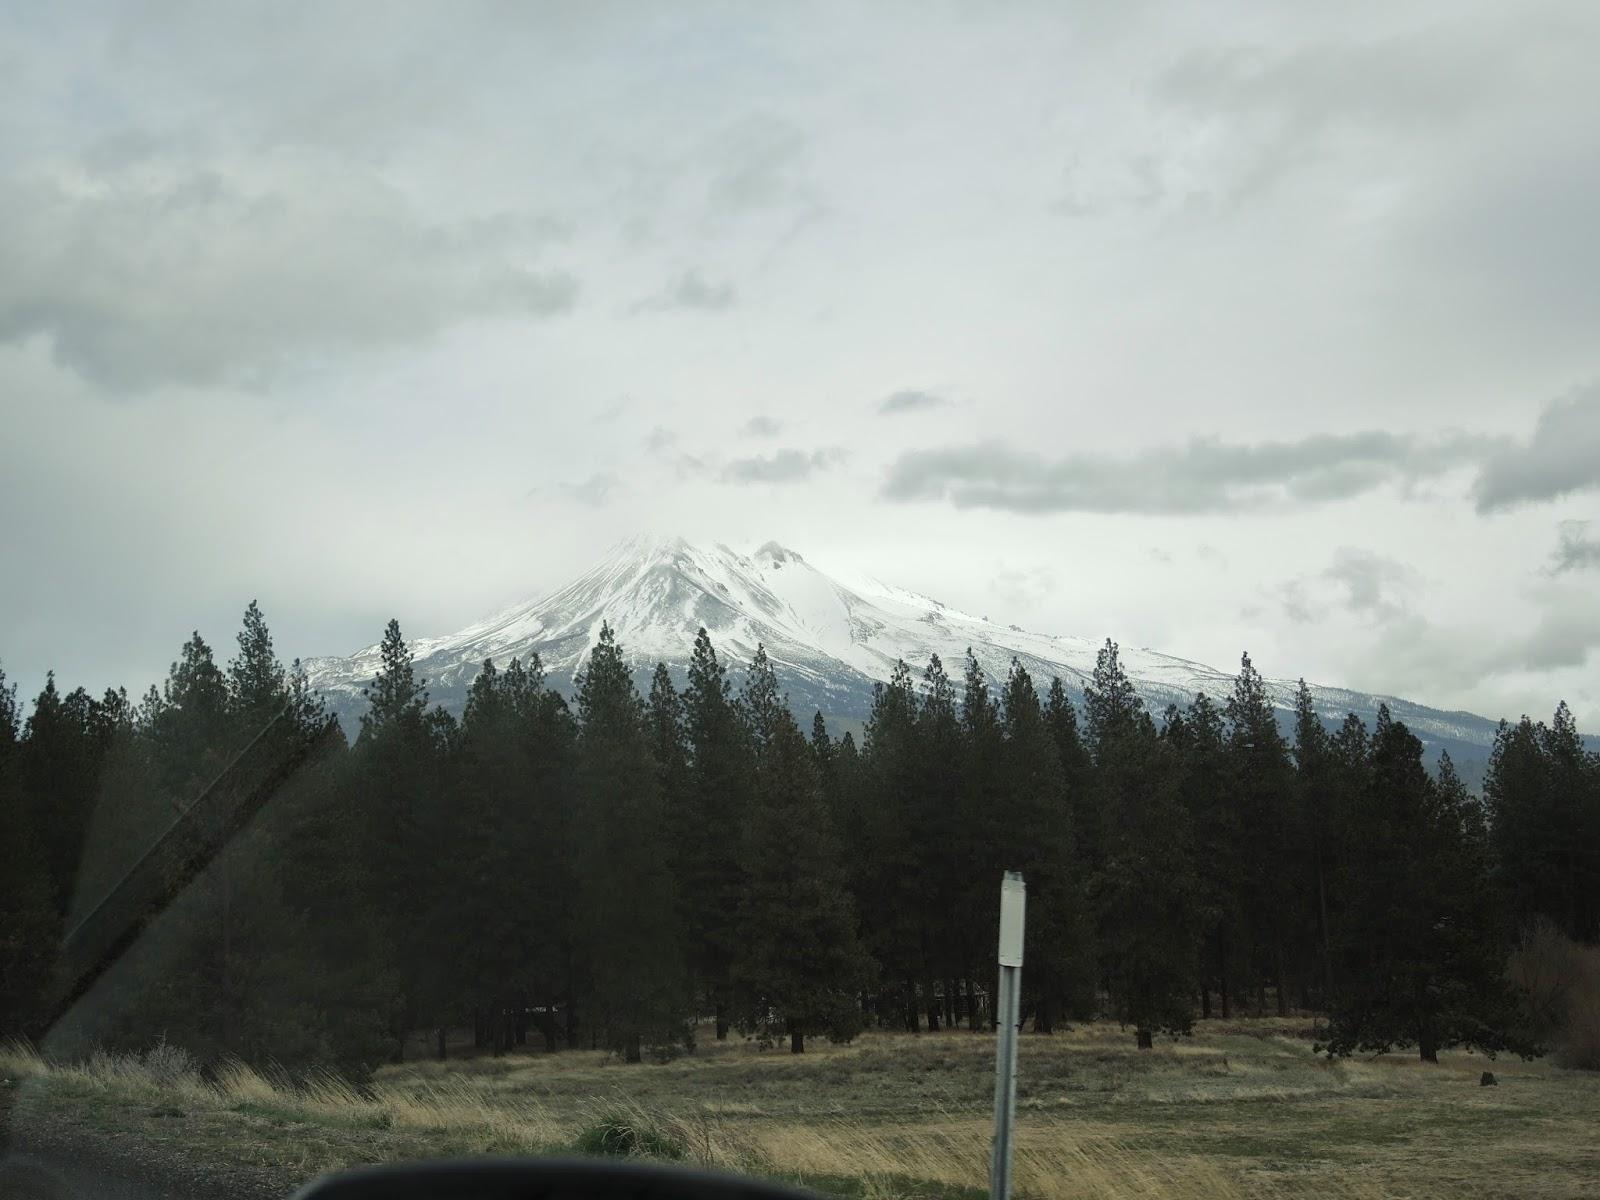 火山口湖國家公園自駕行程 1